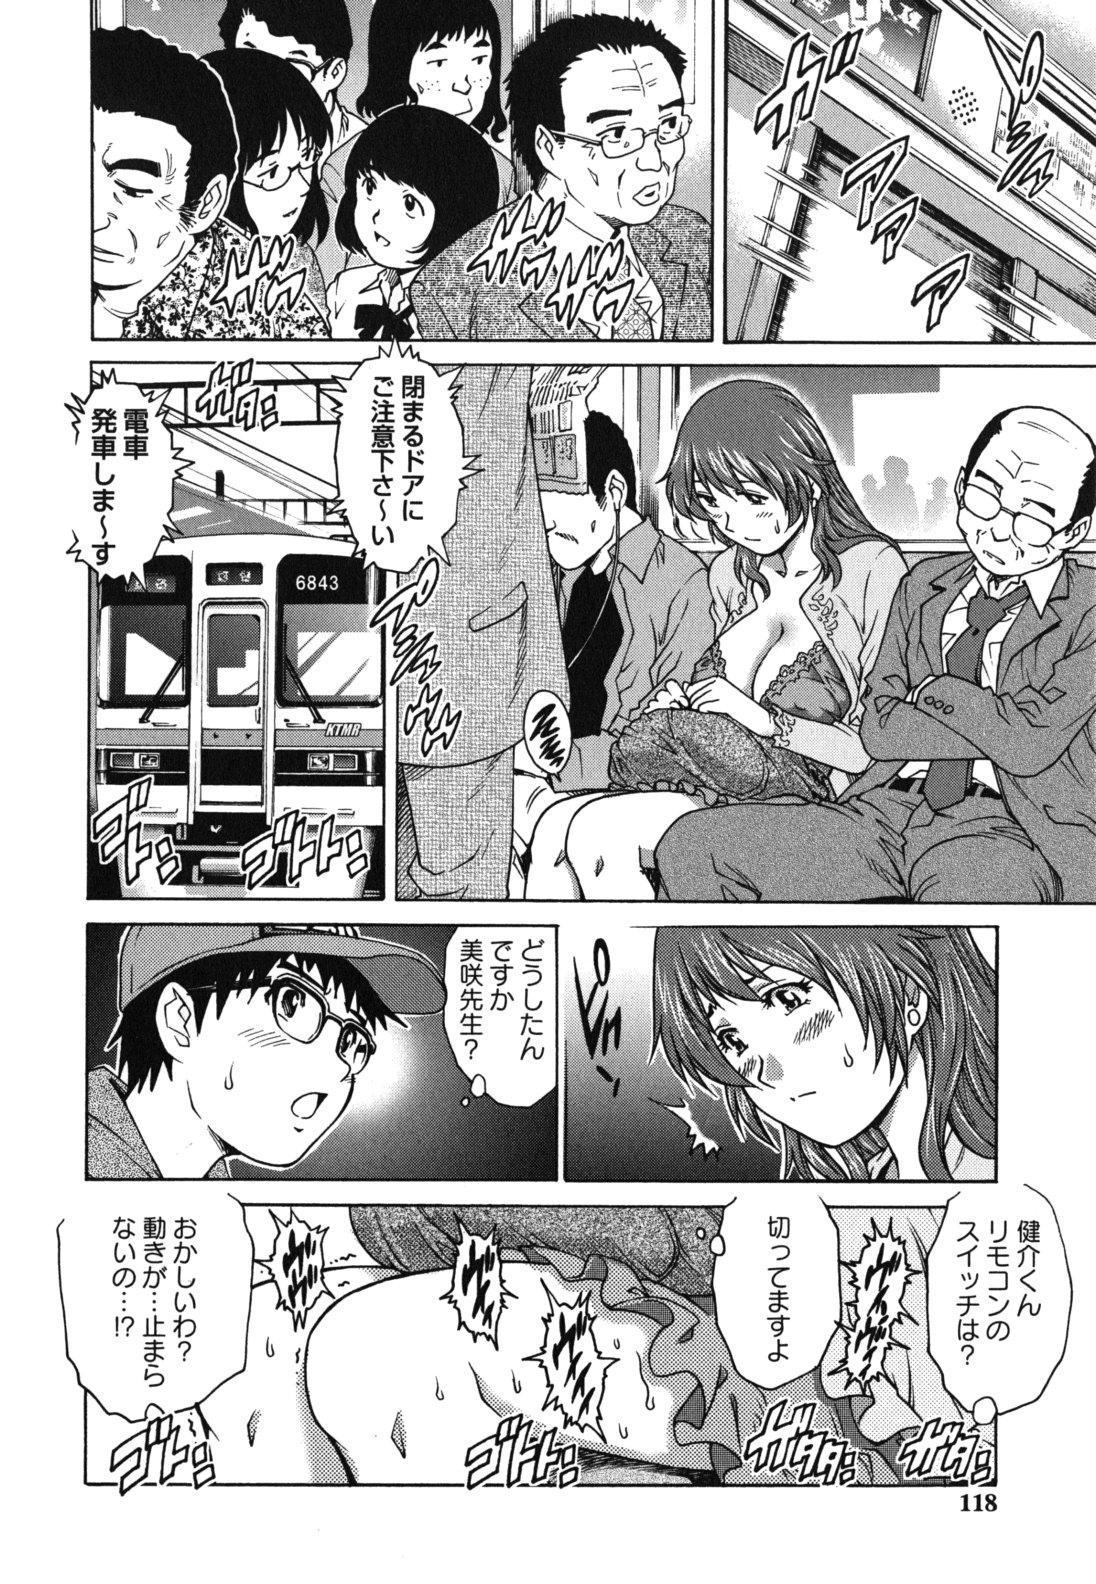 Hajimete no SEX 118